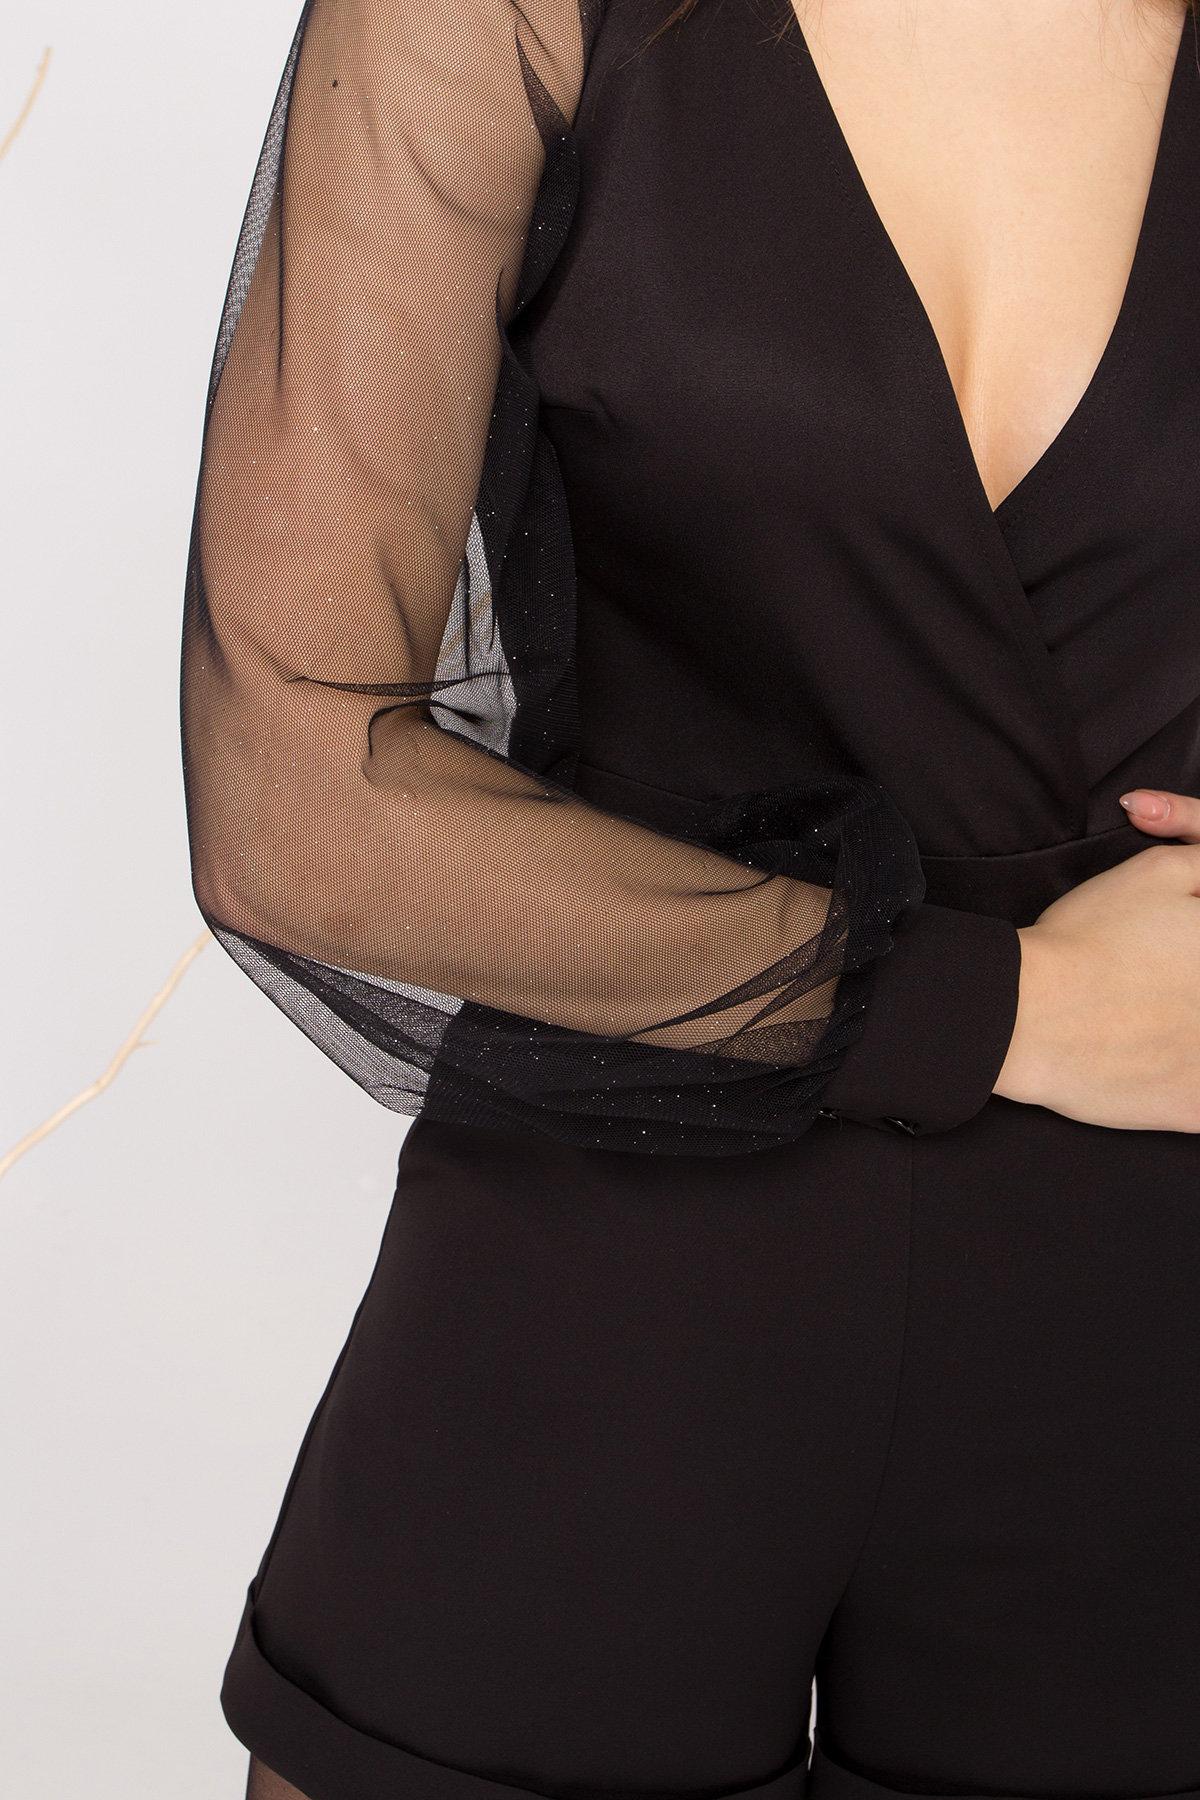 Нарядный комбинезон с шортами Набель 8886 АРТ. 45207 Цвет: Черный - фото 4, интернет магазин tm-modus.ru